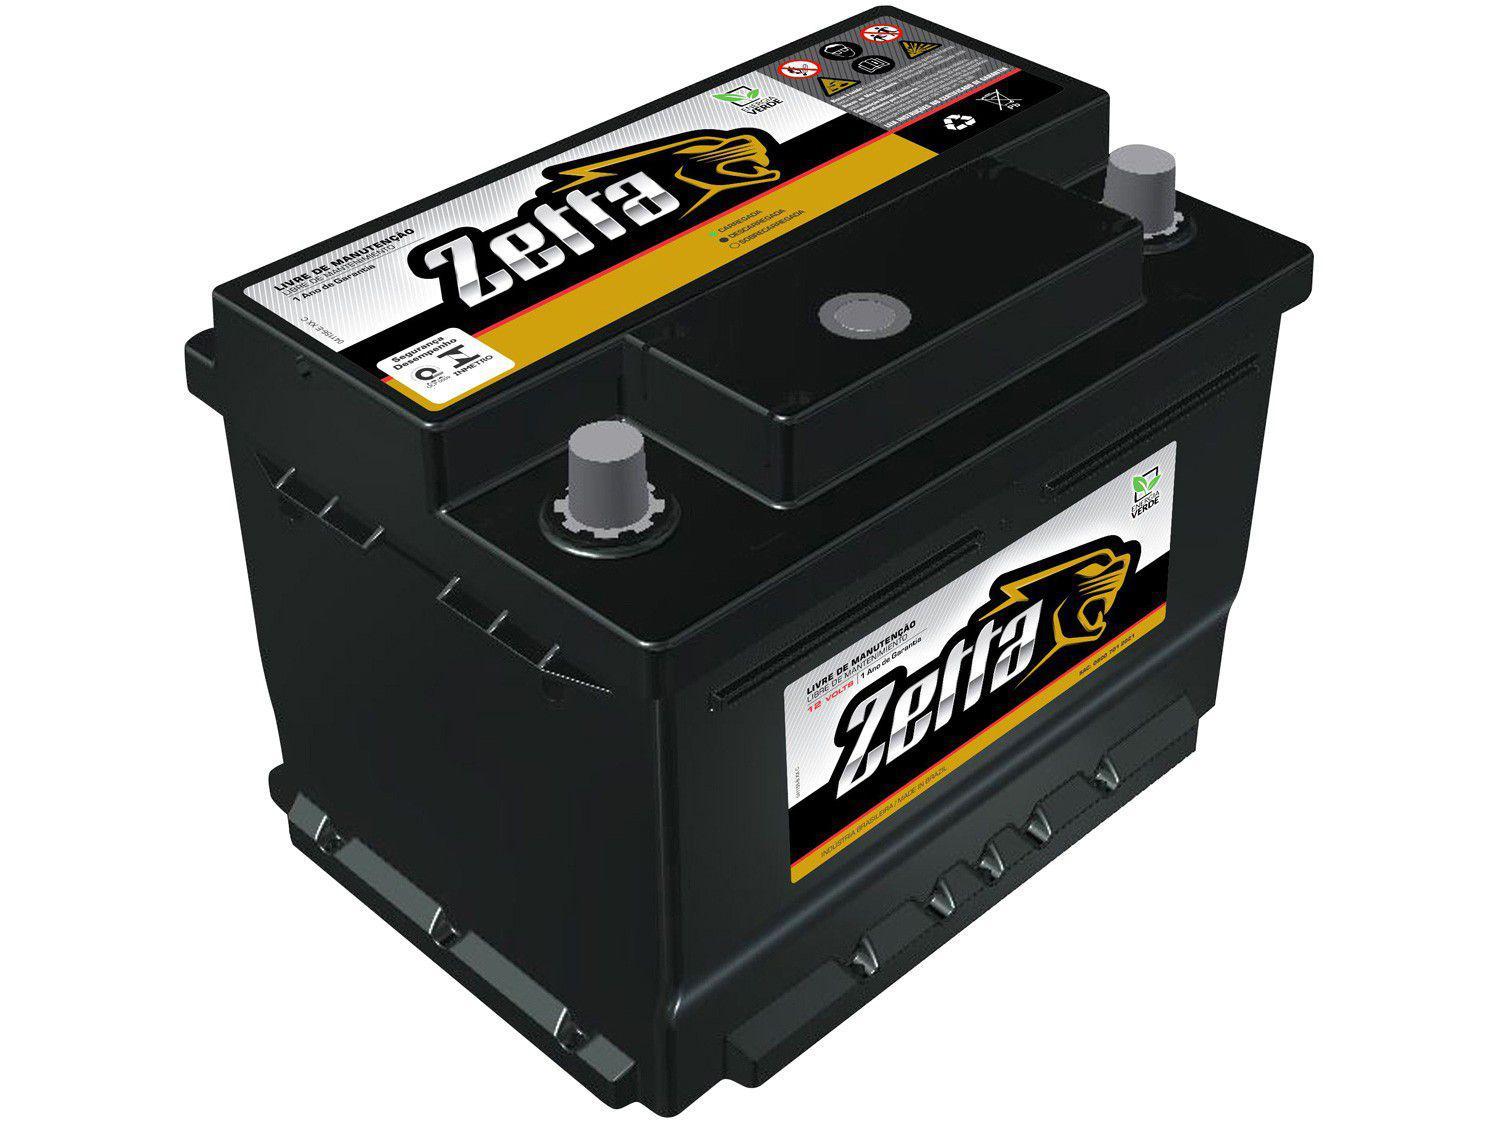 Bateria de Carro Zetta Flooded Advanced - 60Ah 12V Polo Positivo Z60D MGE